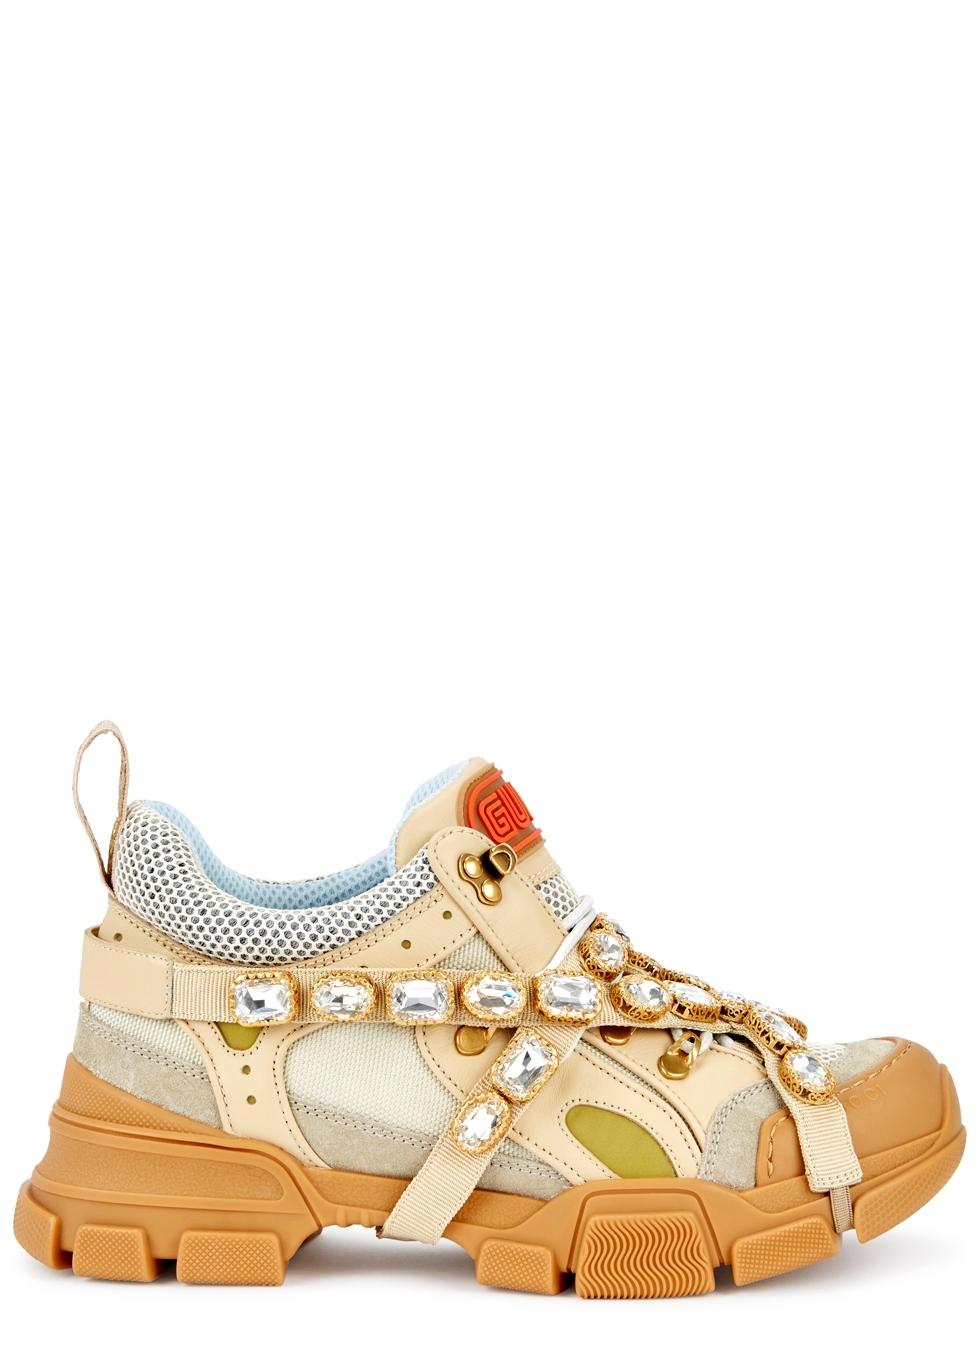 9e1ca64af6b Gucci Shoes - Womens - Harvey Nichols